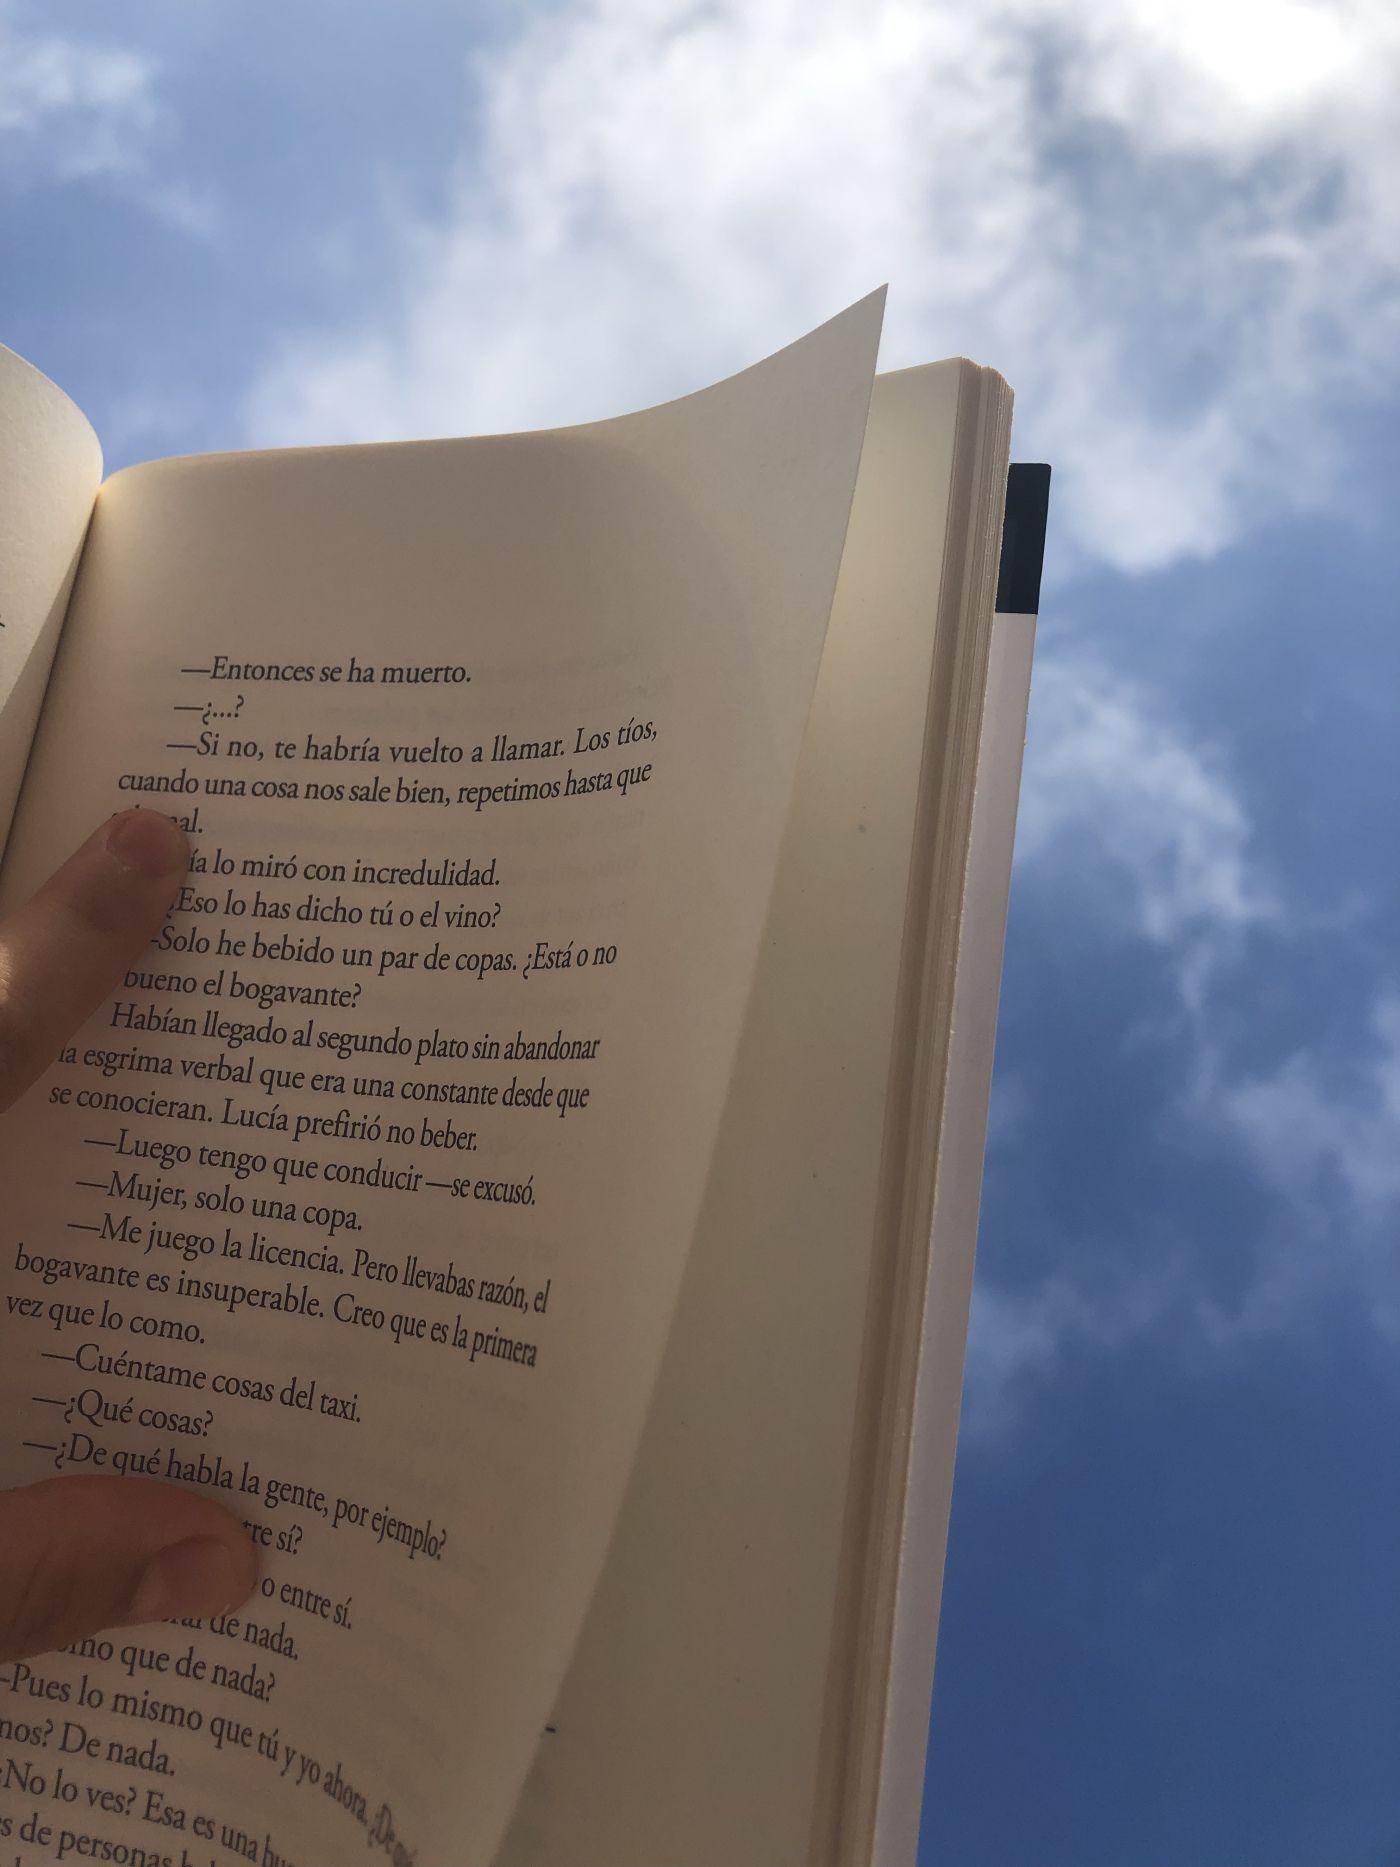 Los Libros Que Me Han Cambiado Este Verano Talla Treinta Y Ocho Libros Verano Sabiduria Espiritual